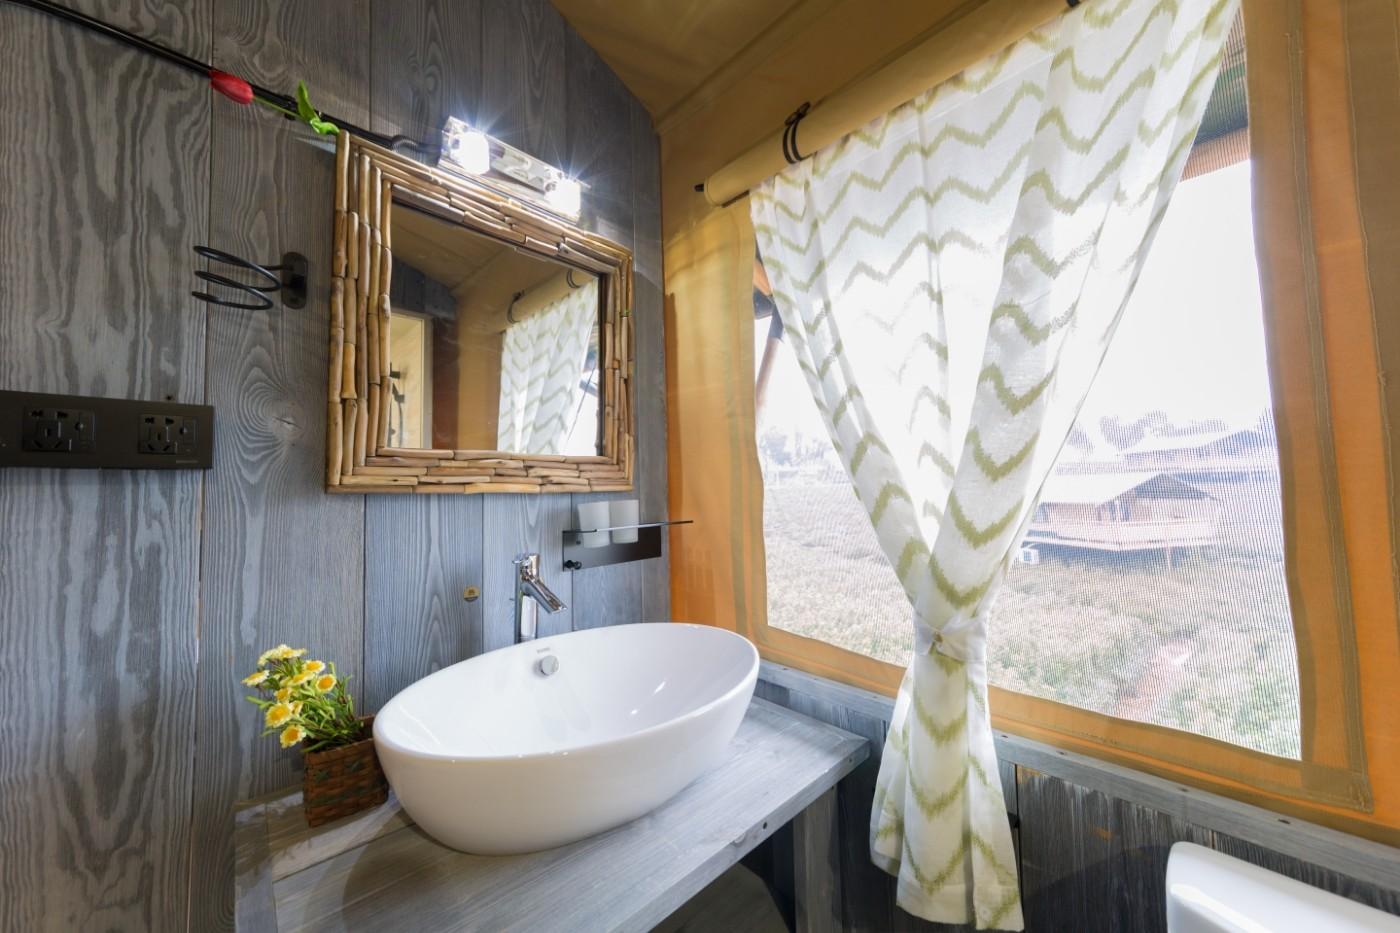 喜马拉雅野奢帐篷酒店—江苏茅山宝盛园(二期)29